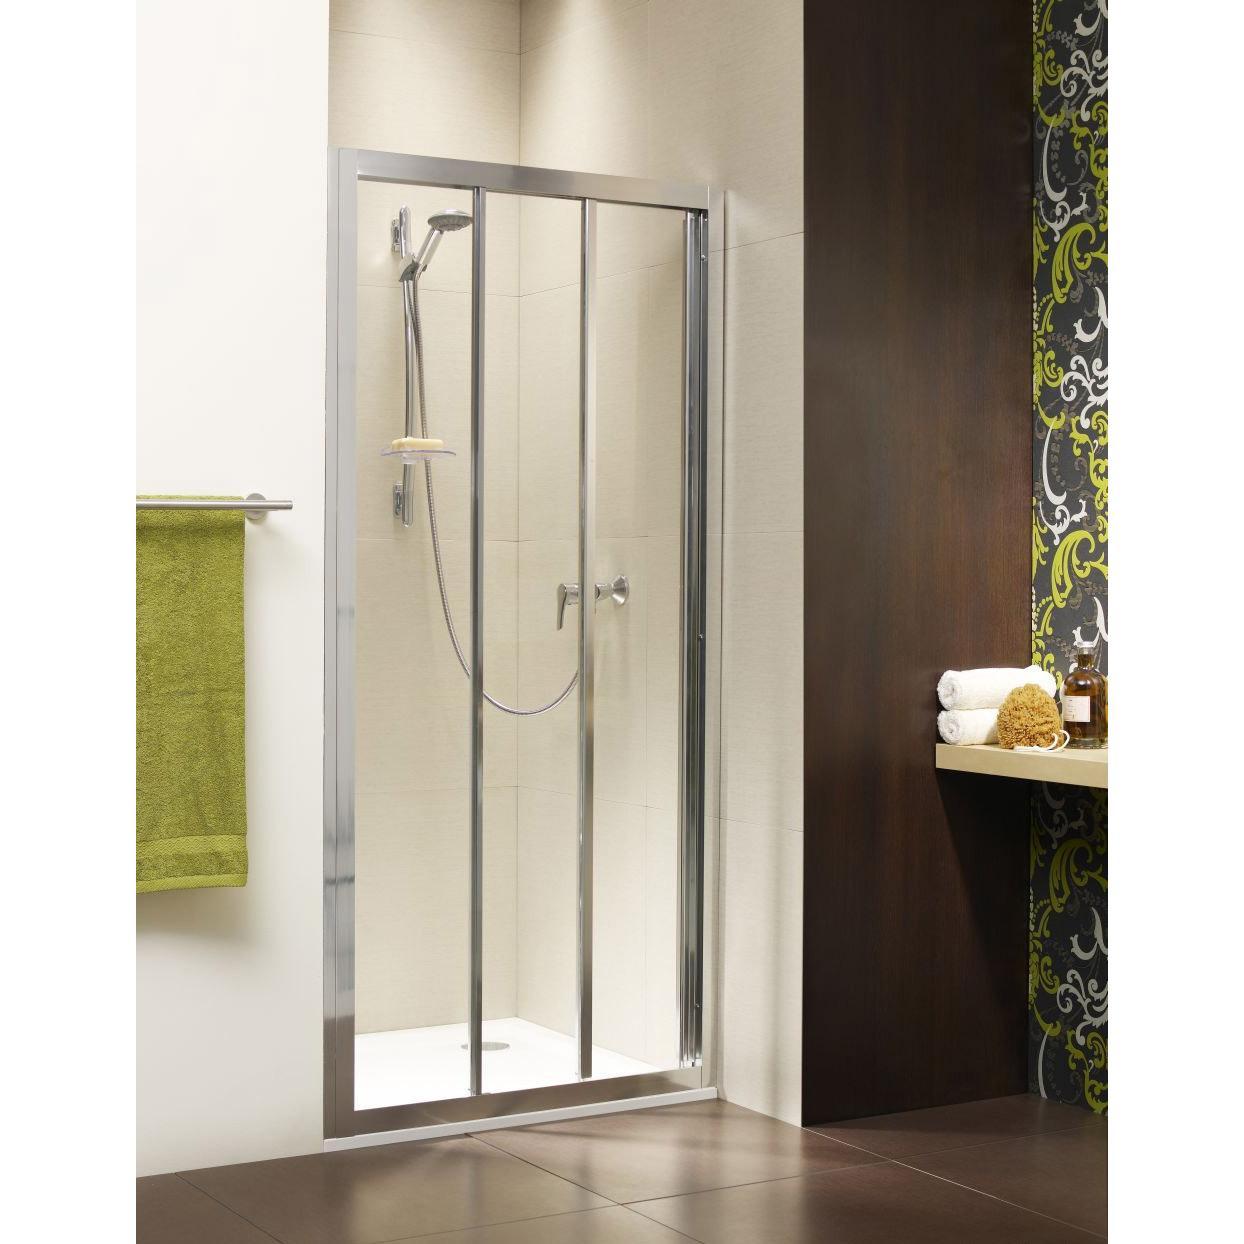 Душевая дверь Radaway Treviso DW 100 хром/коричневое душевая дверь radaway treviso dw 100 хром коричневое